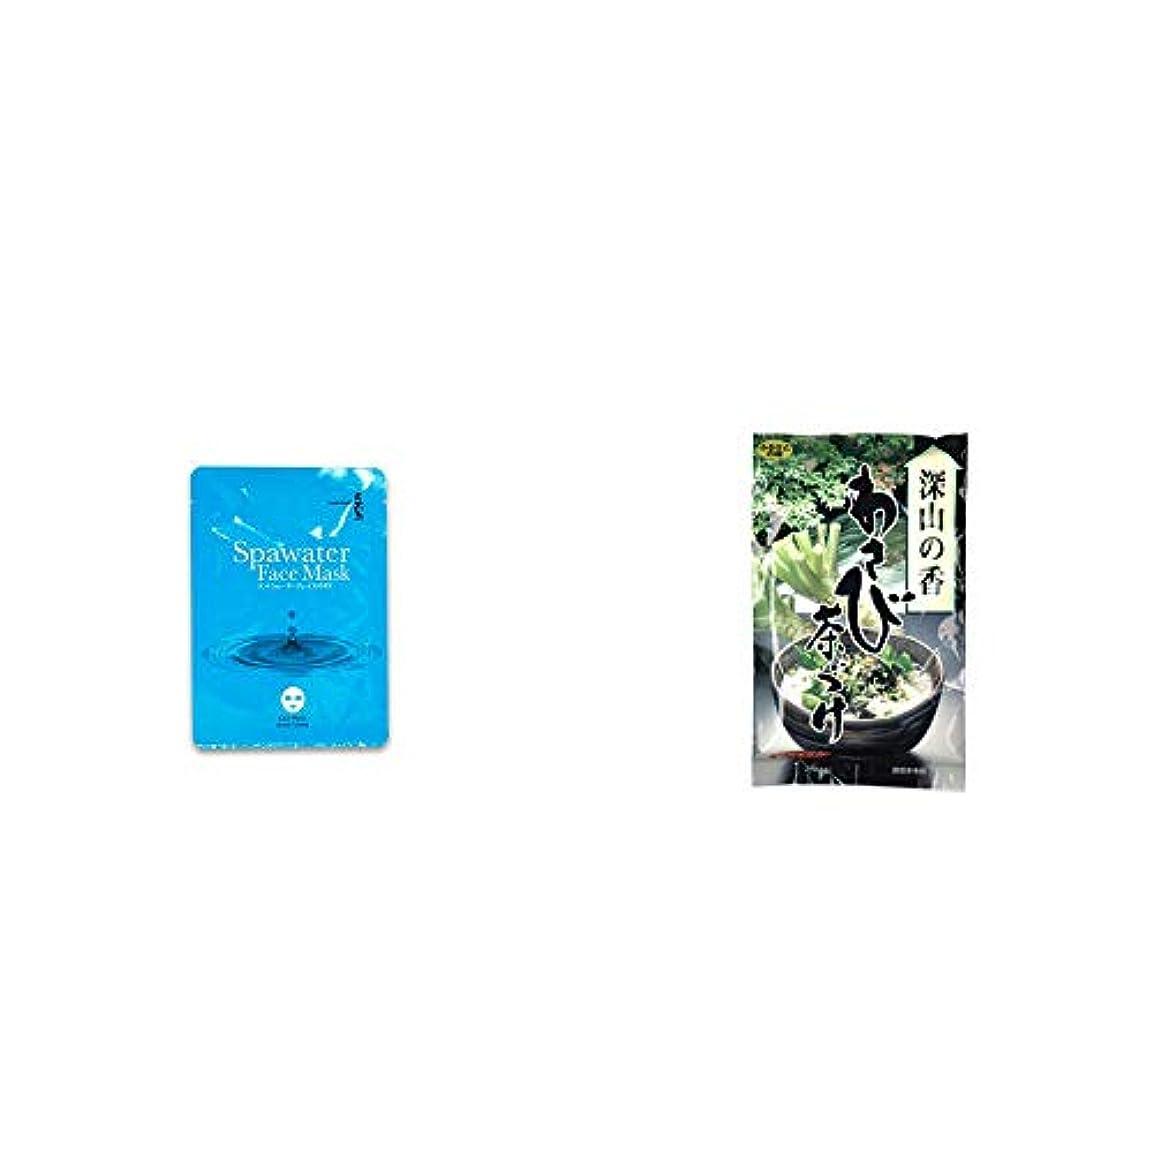 脅威引っ張るワークショップ[2点セット] ひのき炭黒泉 スパウォーターフェイスマスク(18ml×3枚入)?特選茶漬け 深山の香 わさび茶づけ(10袋入)